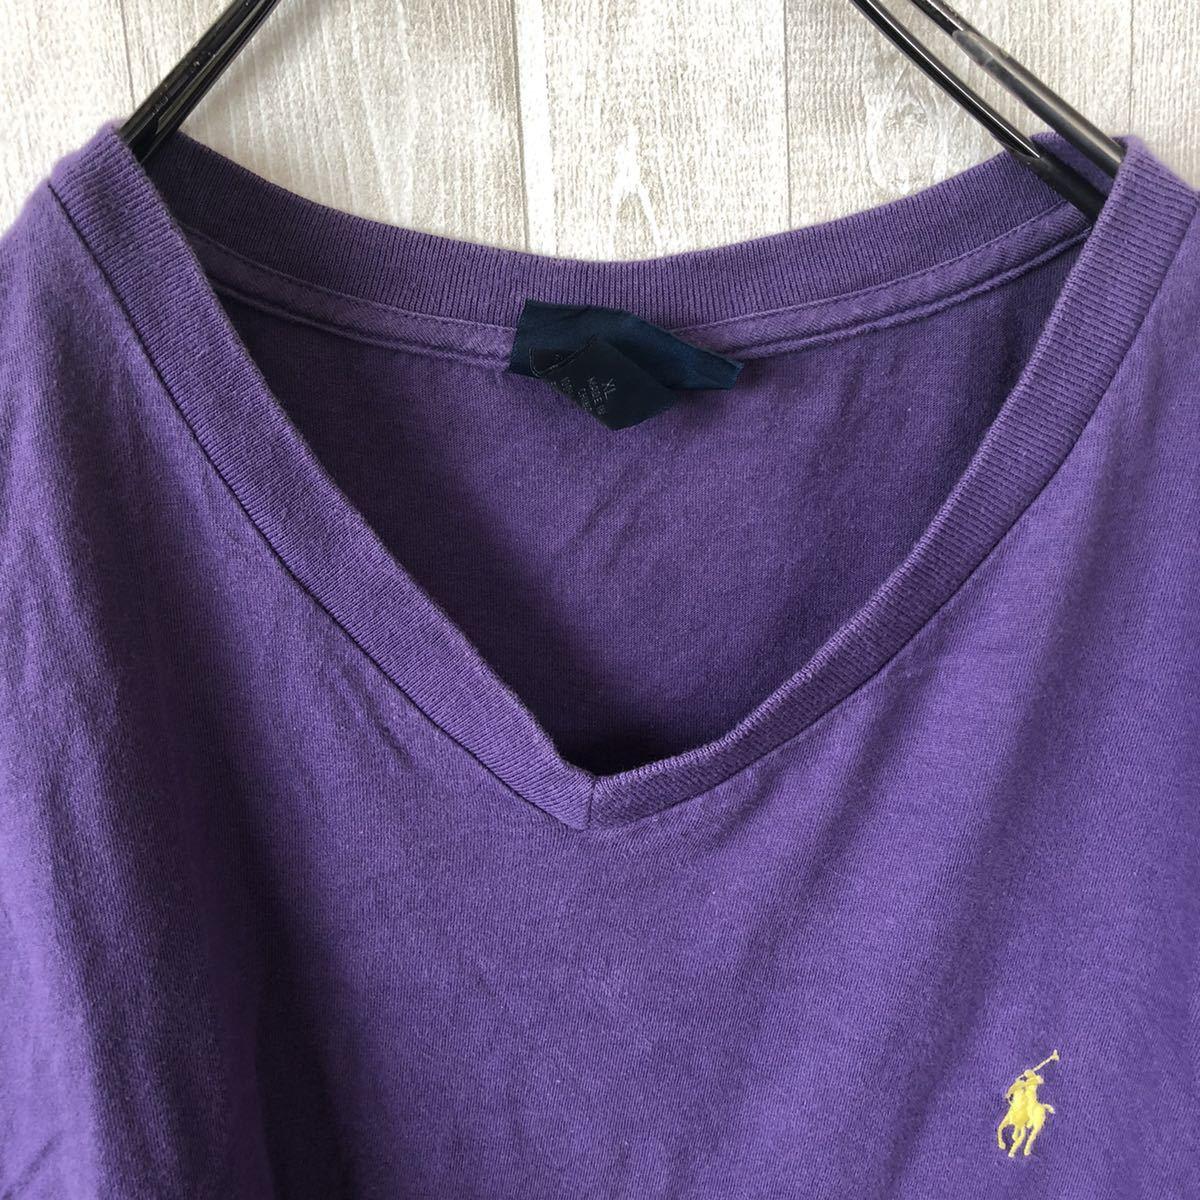 YR154 ポロバイラルフローレン POLO by Ralph Lauren 半袖 Tシャツ Vネック ワンポイント 刺繍ロゴ 紫 パープル ビッグサイズ メンズXL nn_画像4